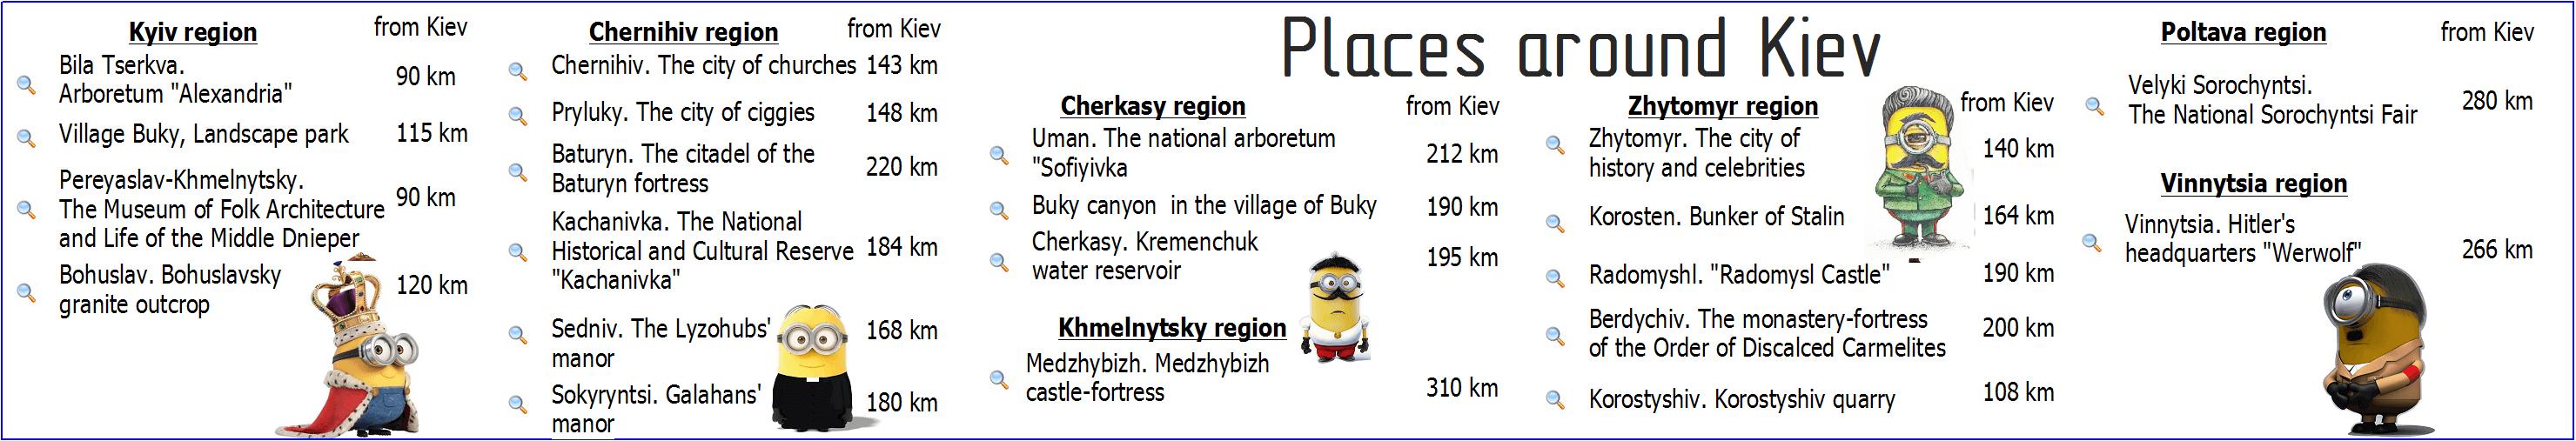 Tourist places around Kiev